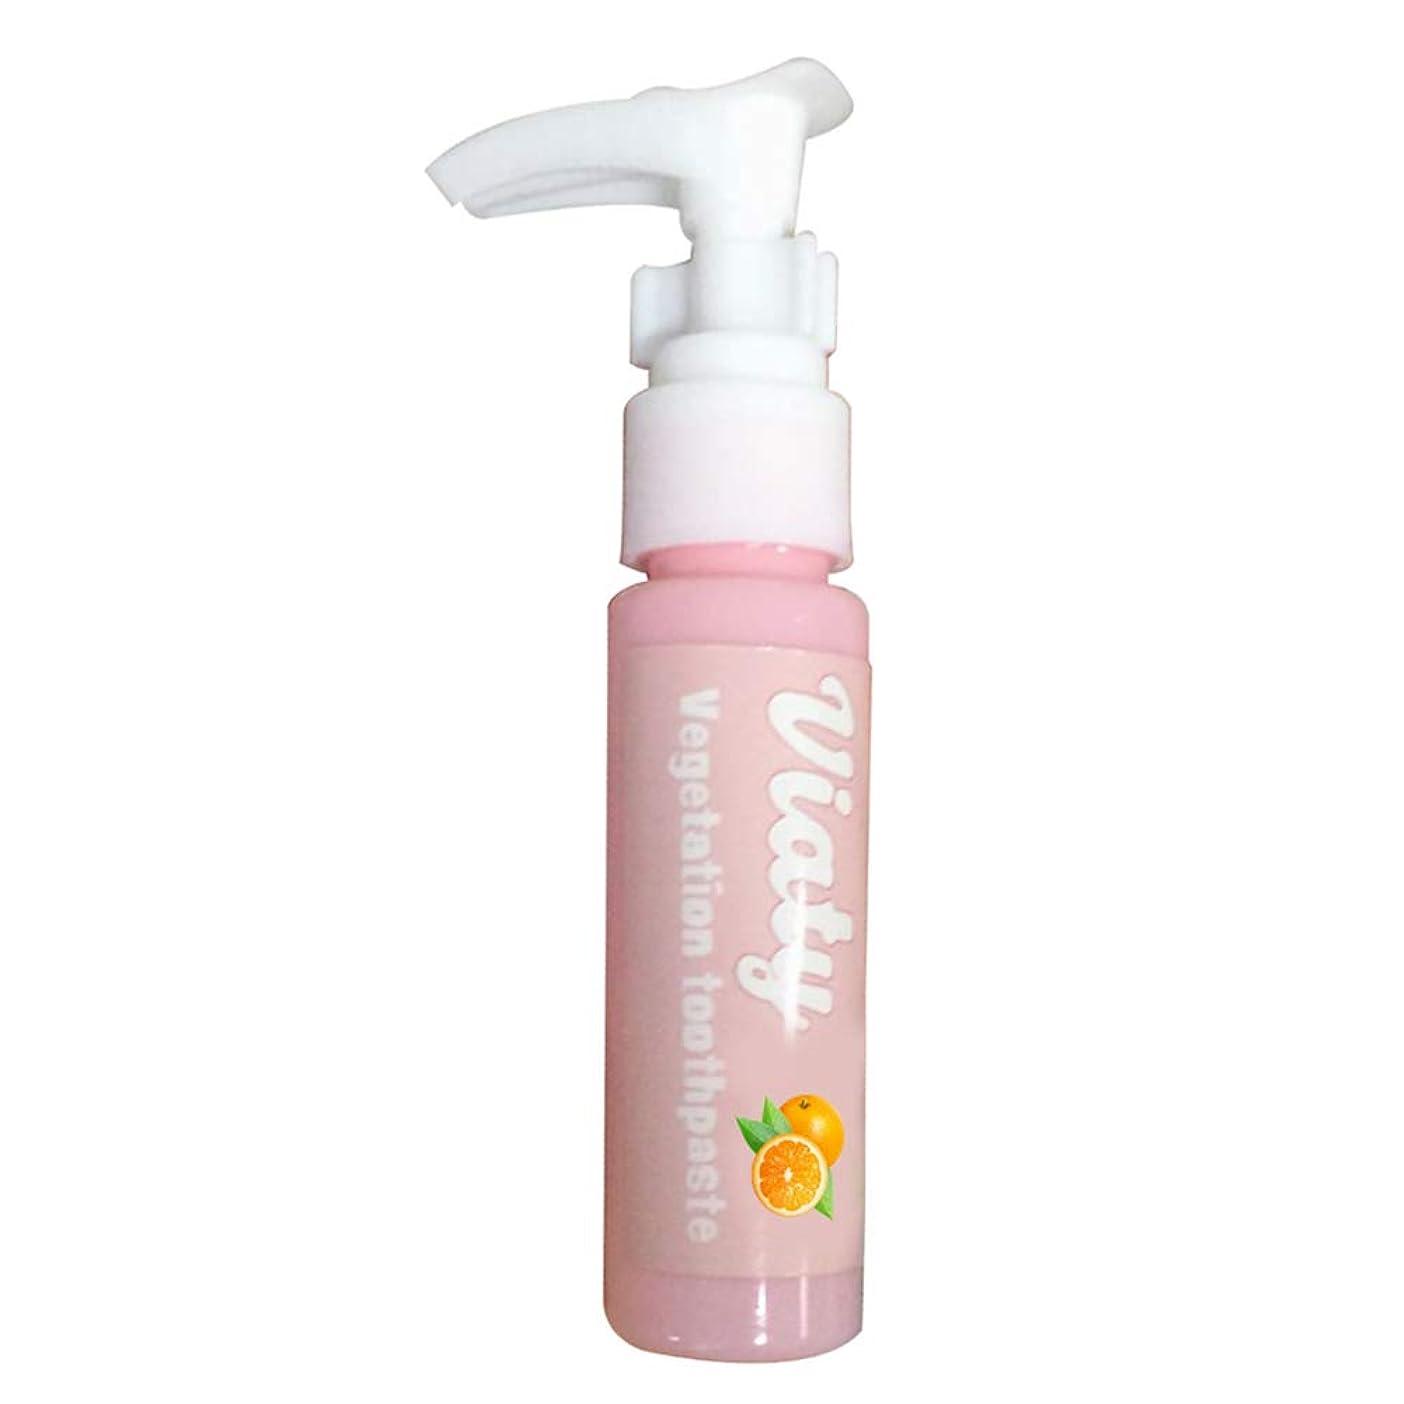 振る舞う限界つぶすLambowo 歯磨き粉の抗の出血性のゴムを押す白くなる携帯用汚れの除去剤は新しい歯磨き粉をタイプします